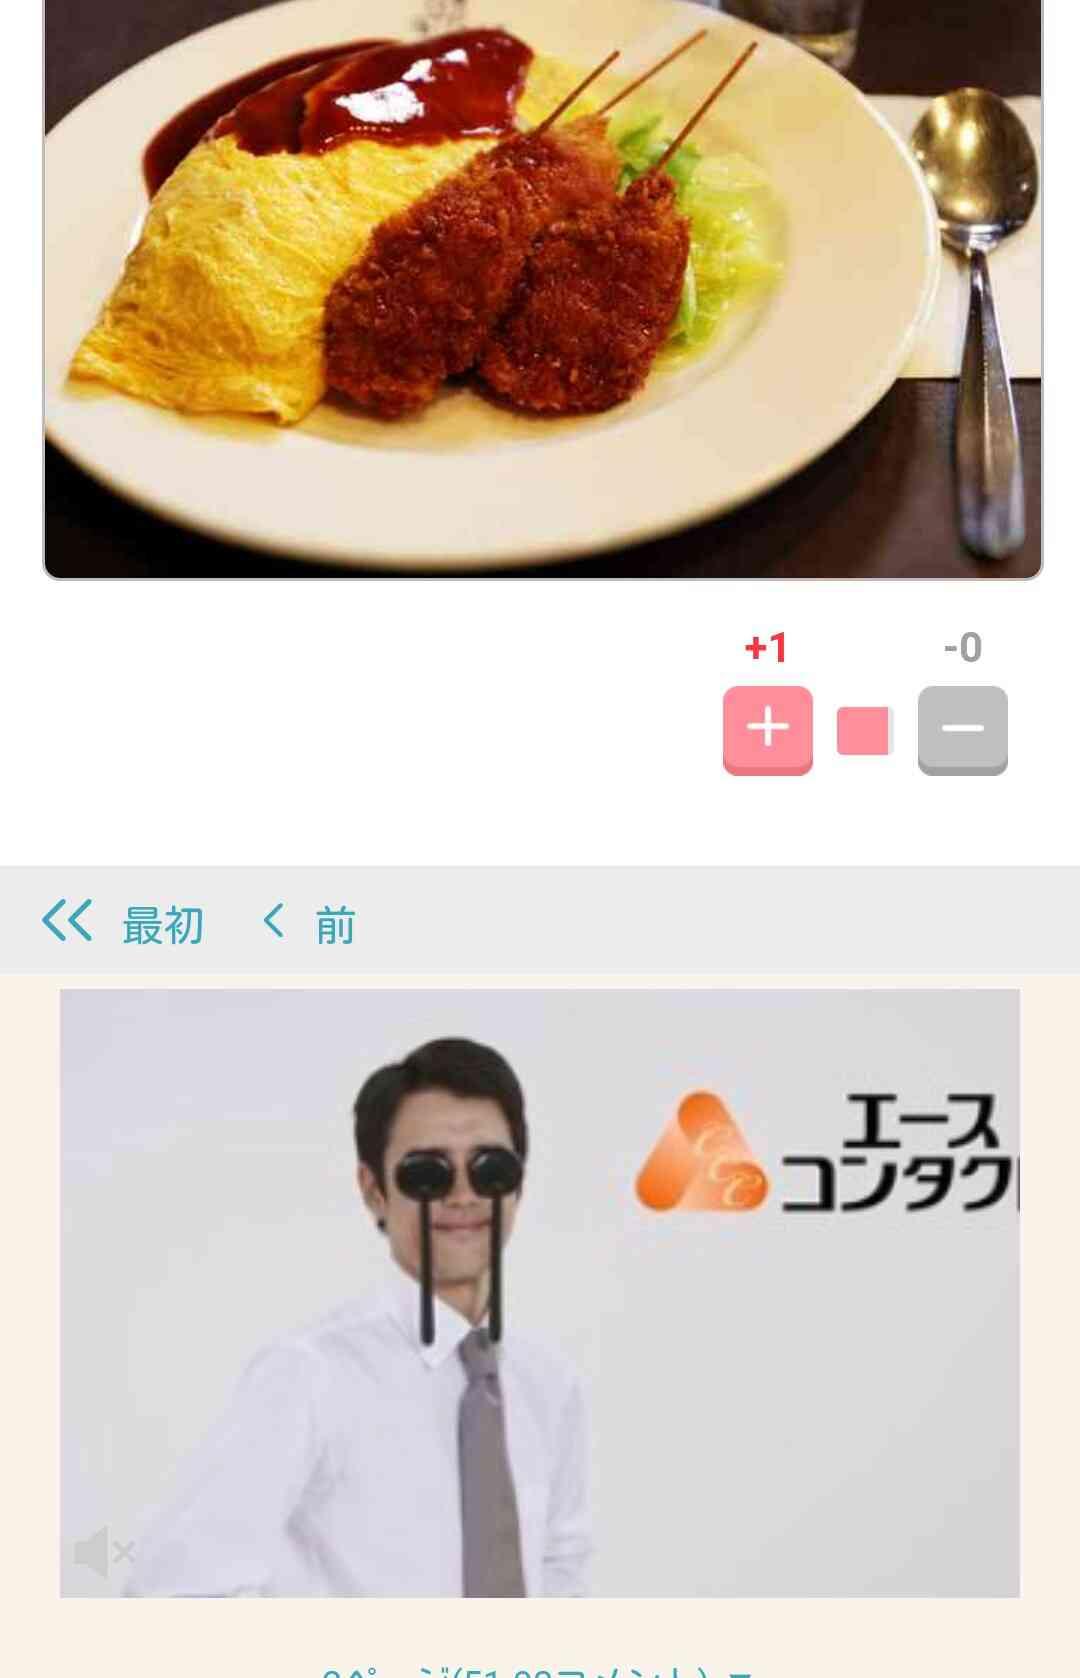 たまご料理大好きなひと大集合!!